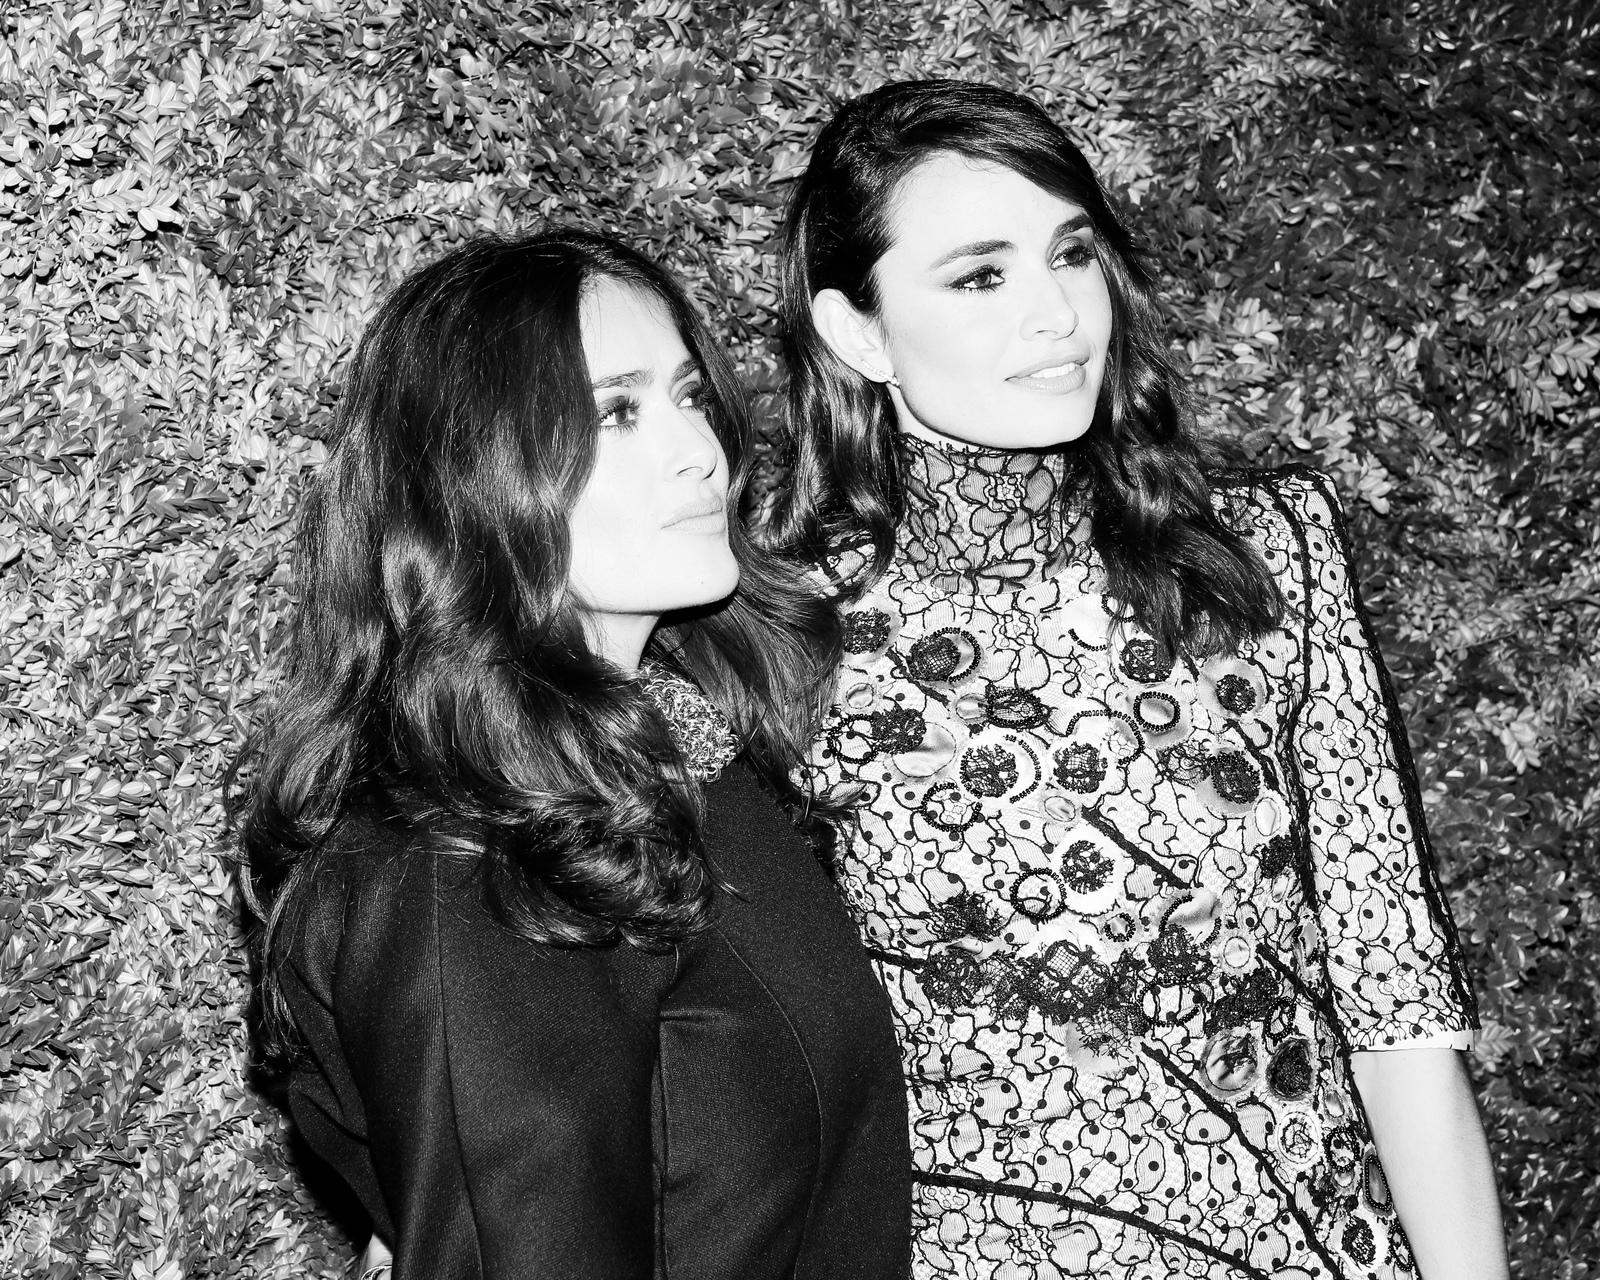 Salma Hayek and Mia Maestro by Aria Isadora